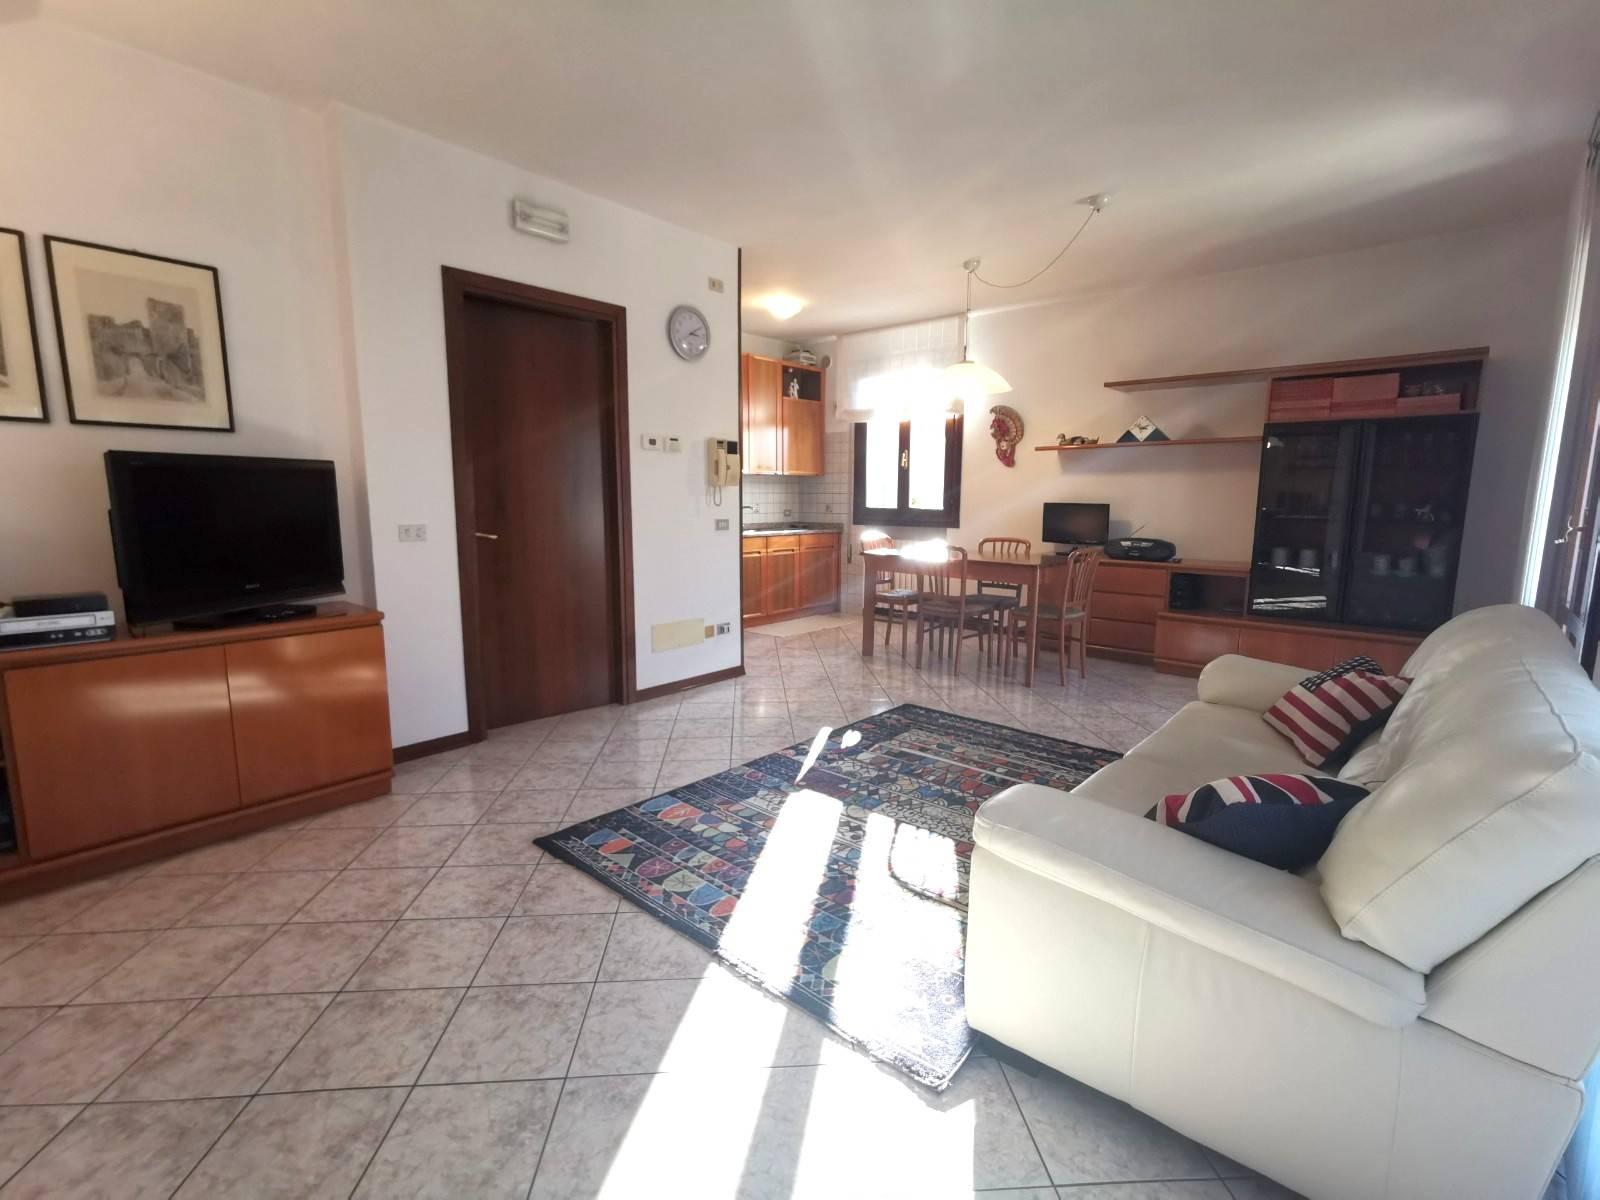 Appartamento in vendita a Campo San Martino, 5 locali, zona Zona: Marsango, prezzo € 105.000 | CambioCasa.it